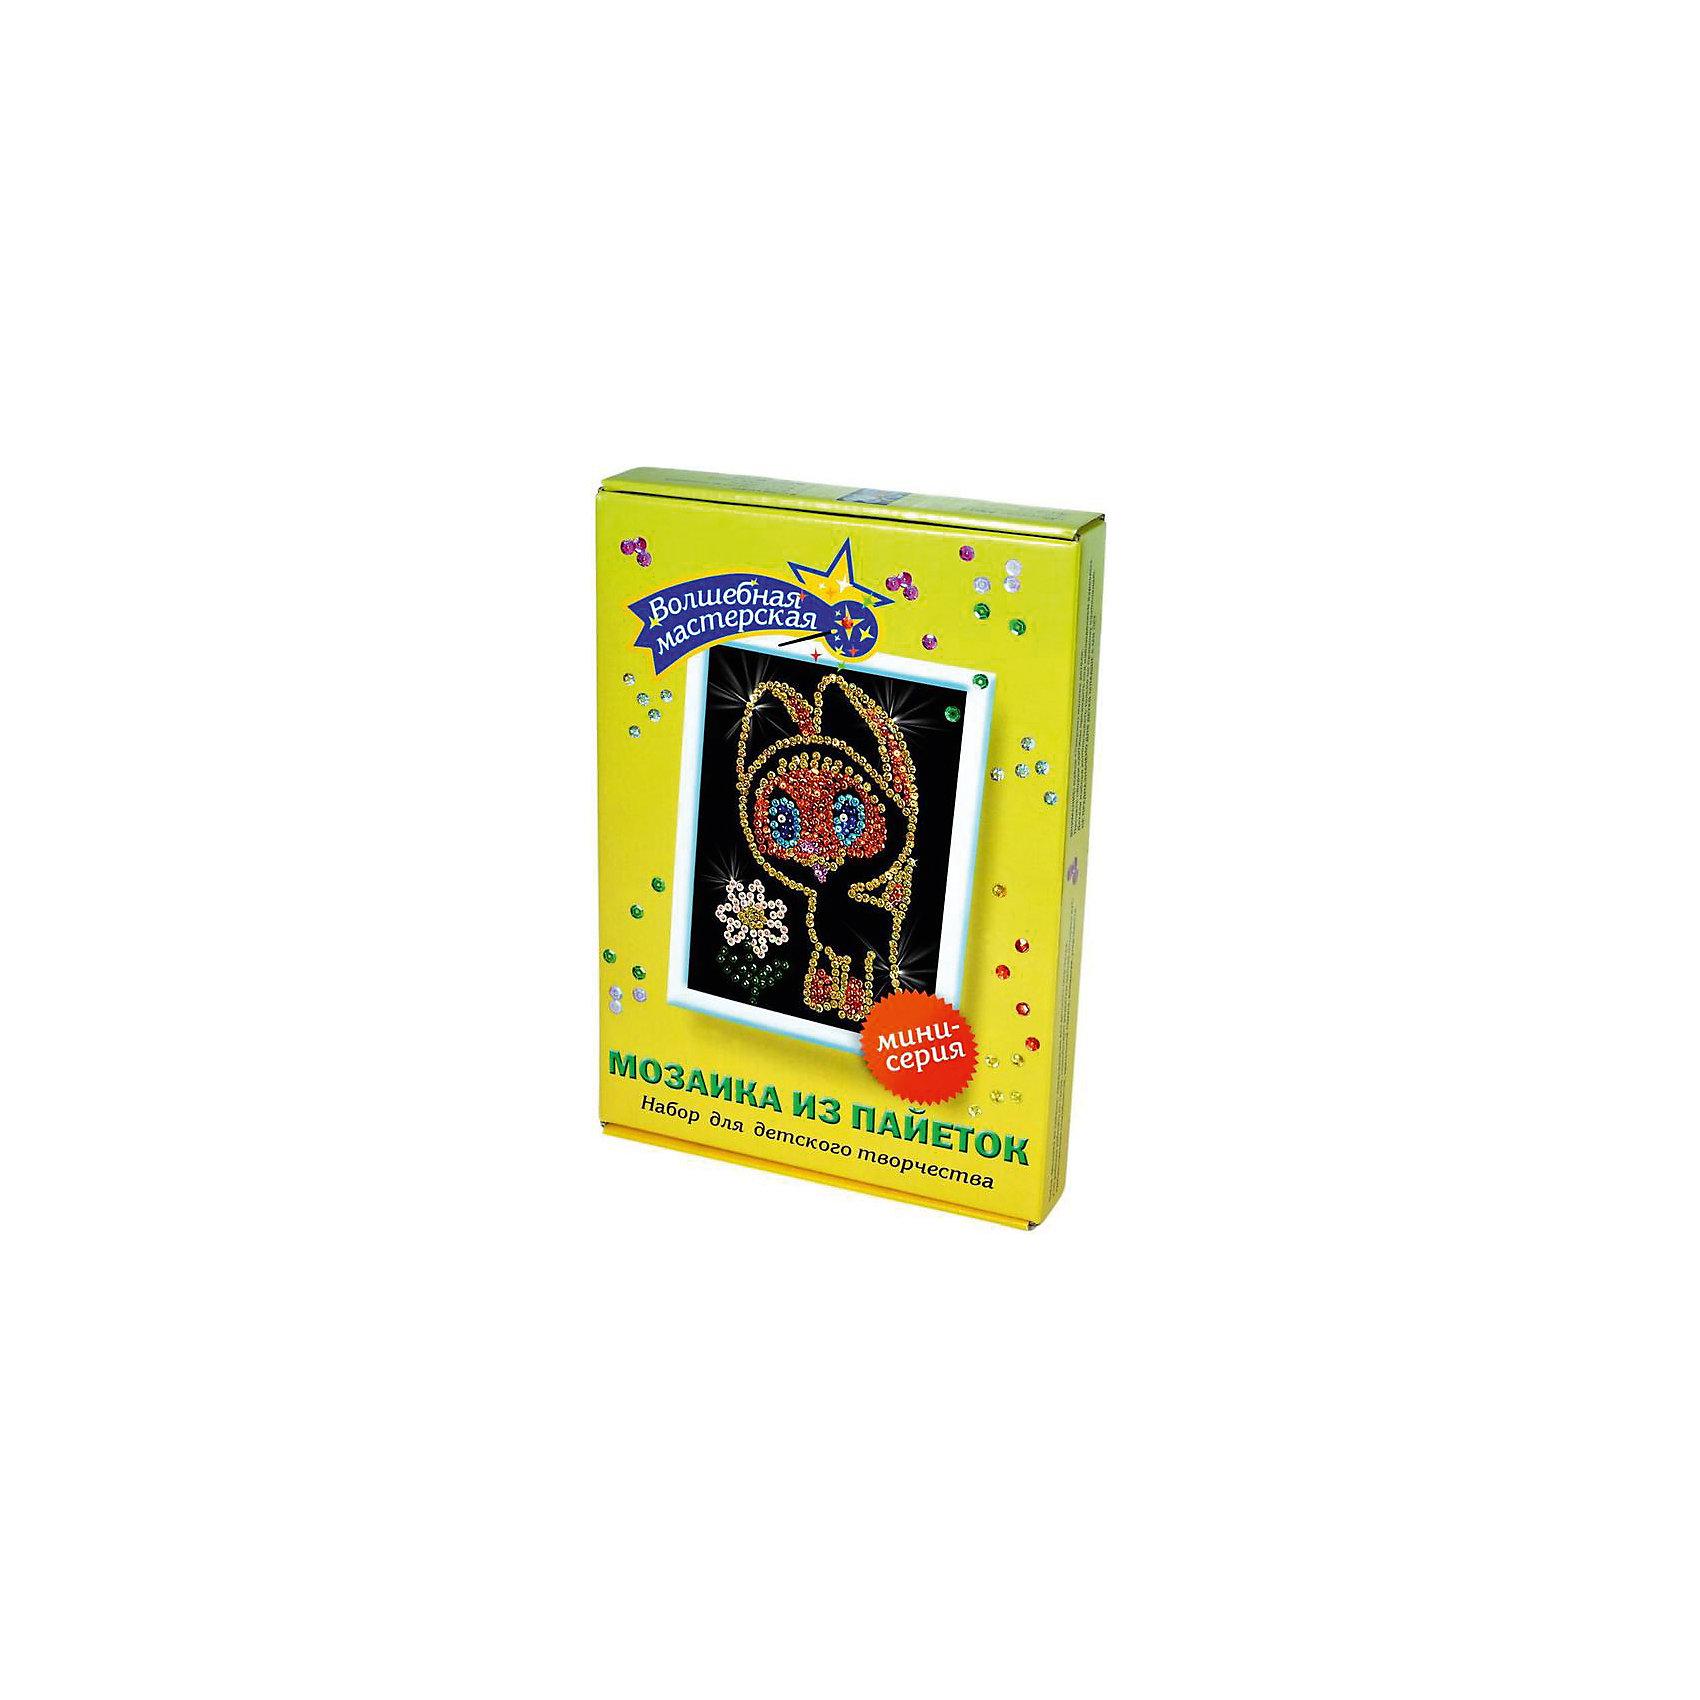 Мозаика из пайеток КотенокМозаика детская<br>Набор для детского творчества «Мозайка из пайеток» дарит возможность составить рисунок с бабочкой из пайеток. Пайтеки – это блестка, плоская чешуйка из блестящего материала, обычно круглой или многогранной формы и с отверстием для продевания нитки. Пайетка может иметь различную окраску. <br>Набор способствует развитию фантазии ребенка, мелкой моторики рук. Тренирует усидчивость и терпение, так как приходится работать с достаточно мелкими деталями. Подойдет как для домашних занятий творчеством так и для школьных.<br><br>Ширина мм: 375<br>Глубина мм: 34<br>Высота мм: 277<br>Вес г: 164<br>Возраст от месяцев: 36<br>Возраст до месяцев: 108<br>Пол: Унисекс<br>Возраст: Детский<br>SKU: 5075363